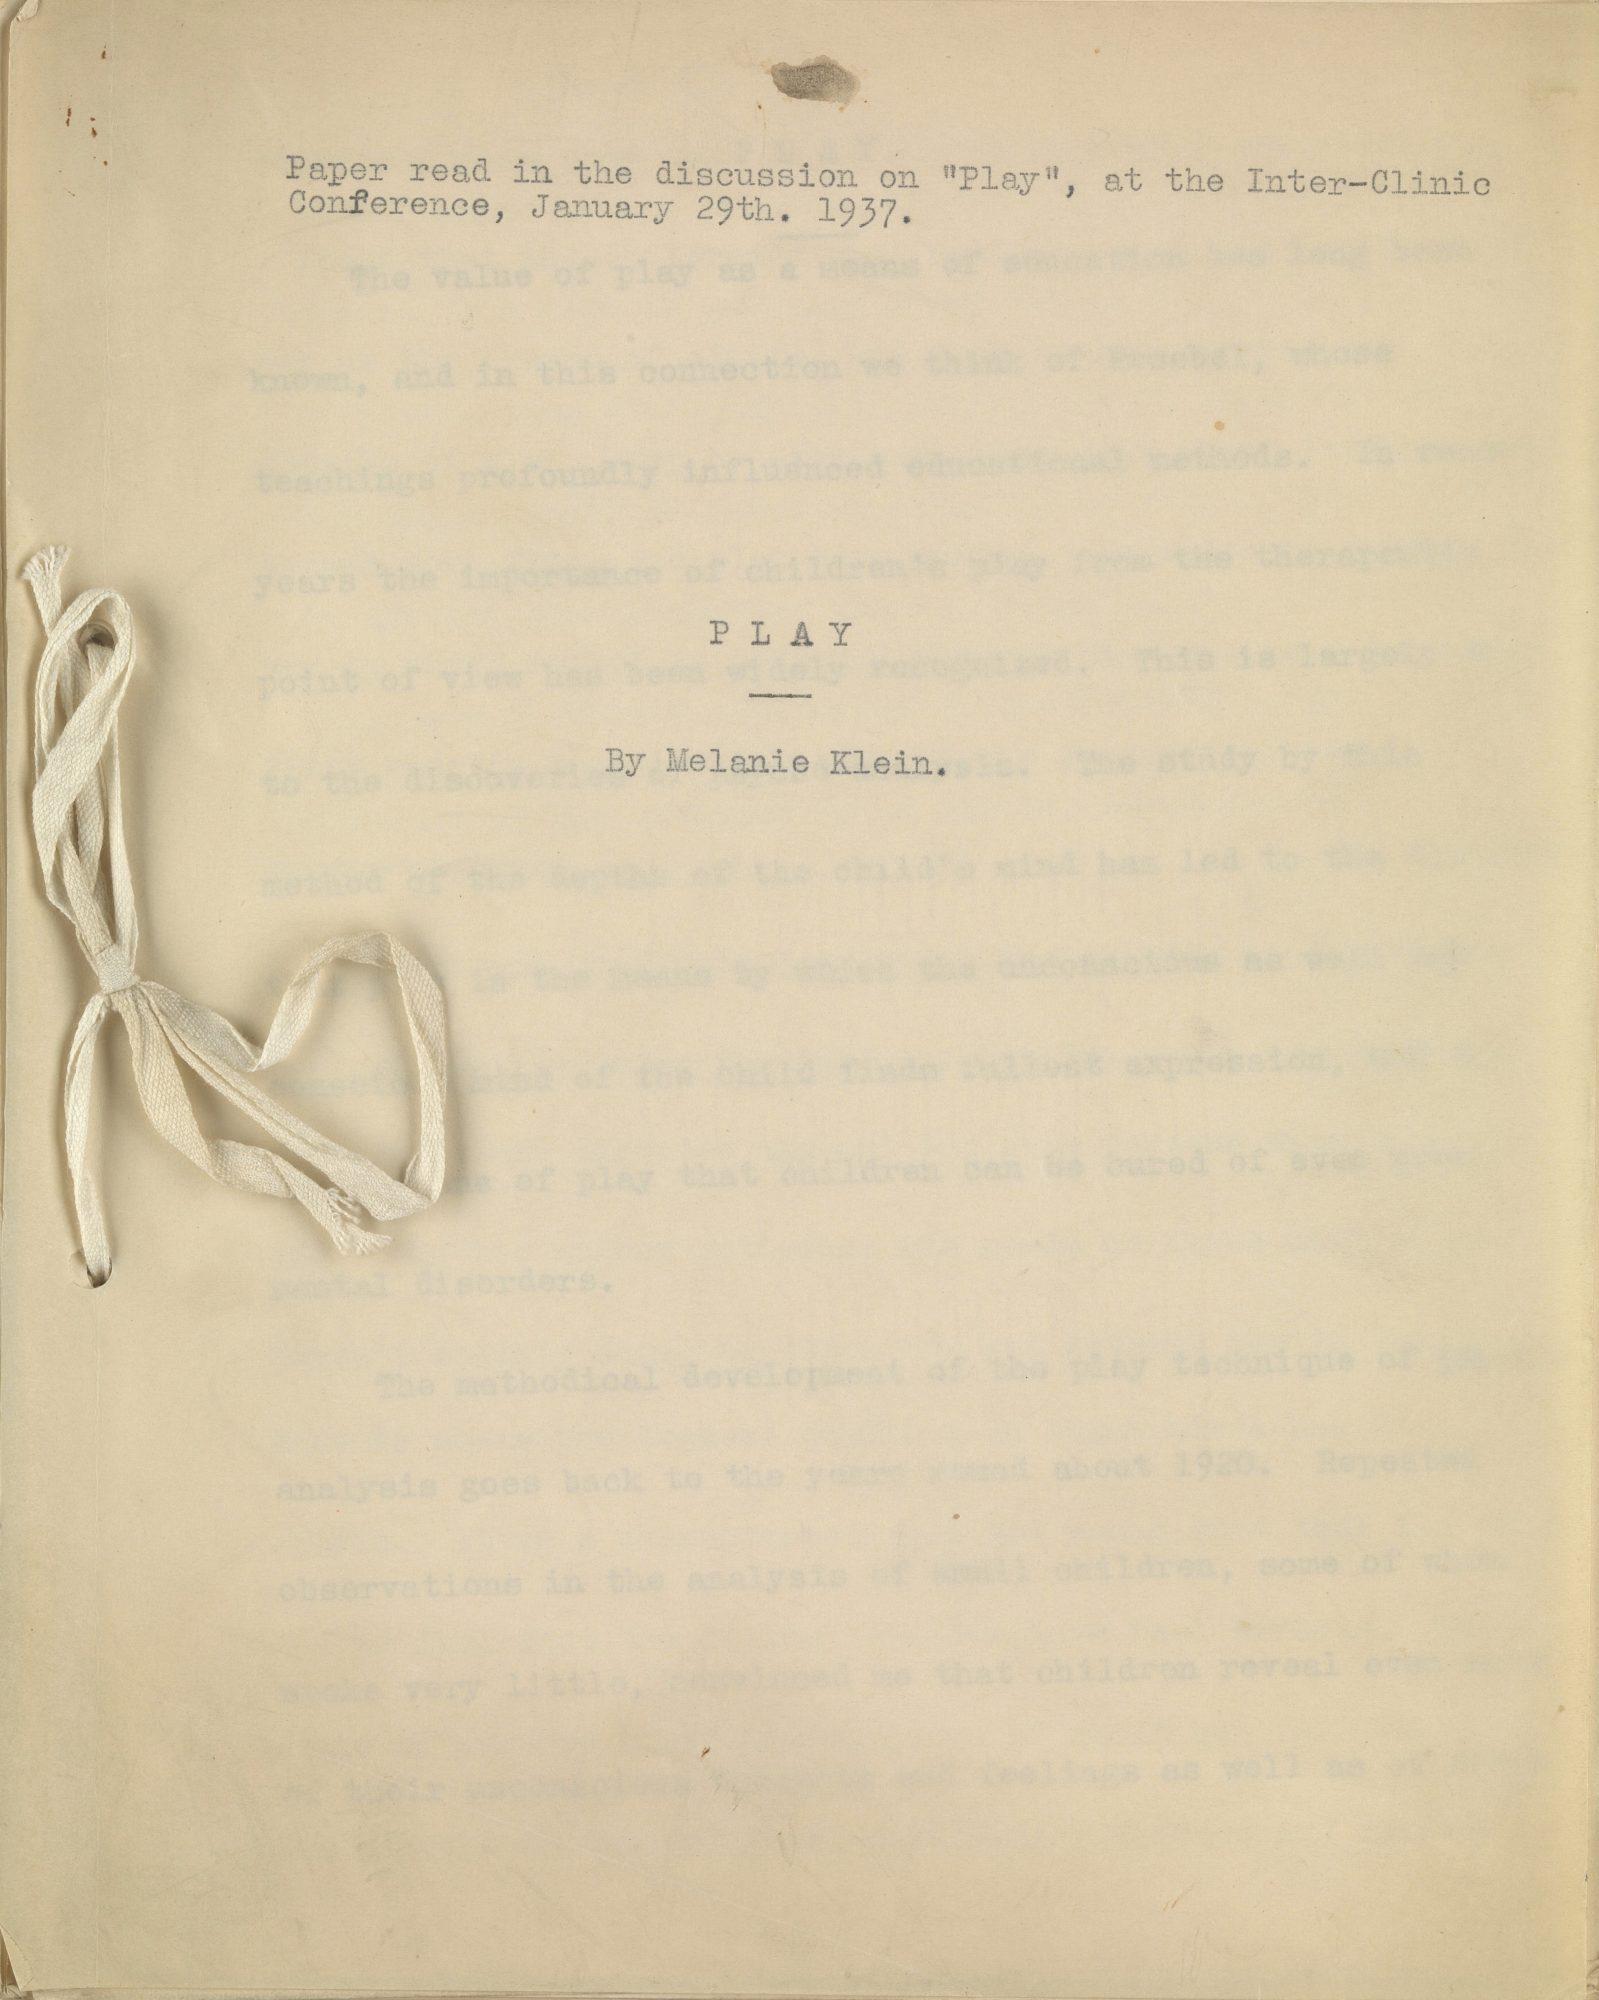 Version préliminaire de l'article de Klein 'Play' [Le jeu], présentée à l'Inter-Clinic Conference le 29 janvier 1937